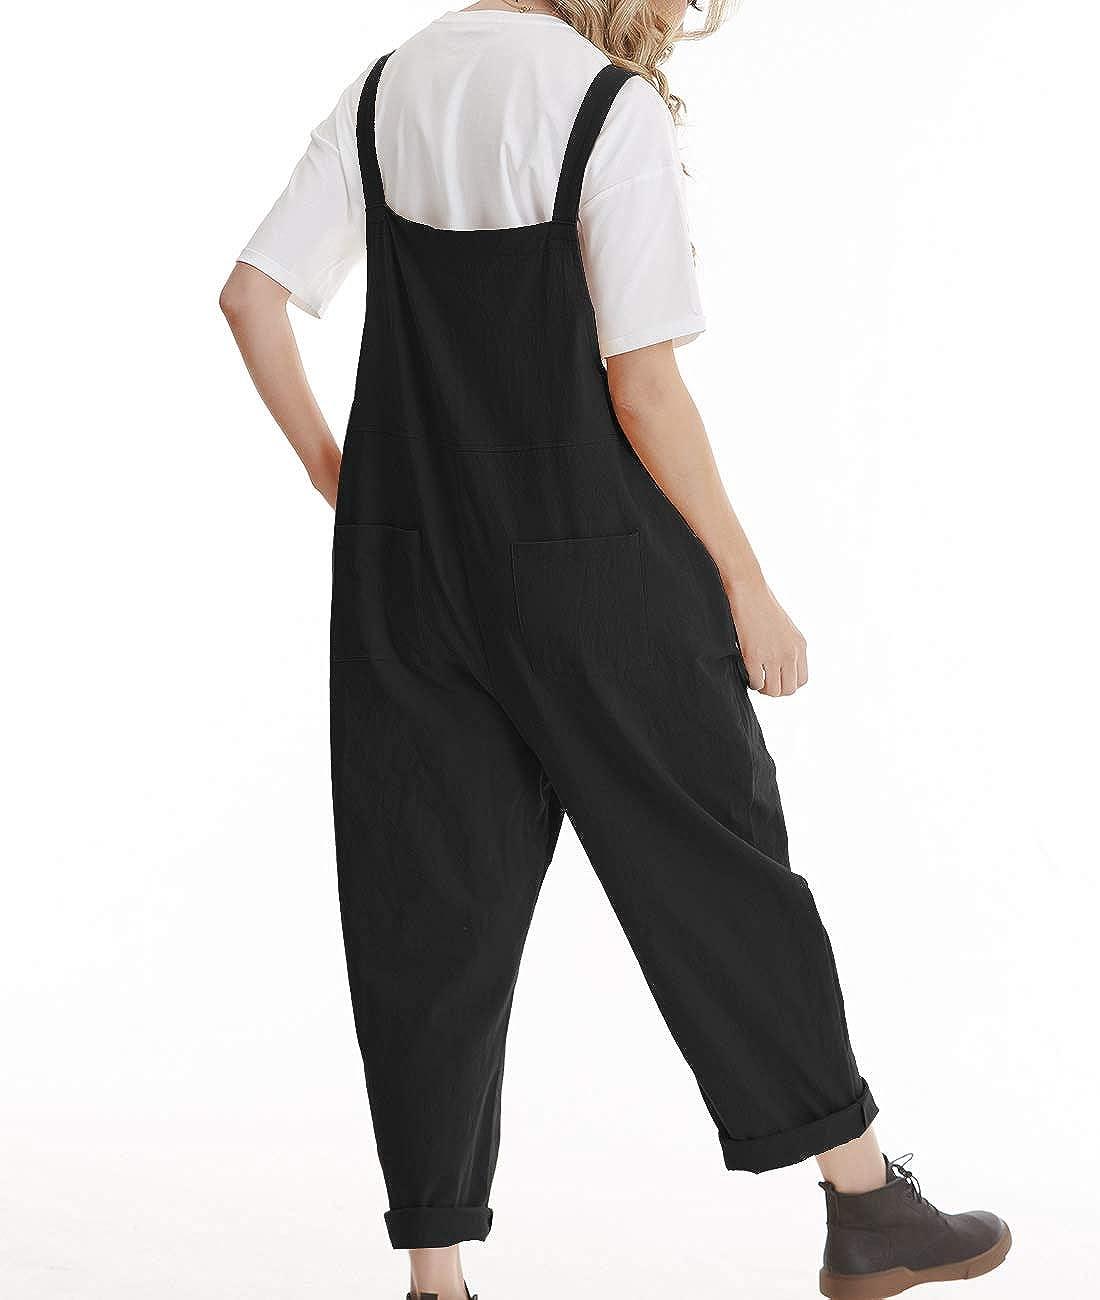 YESNO Damen Latzhose Sommer Oversize Tr/ägerhose Beil/äufig Loose Bib Pants Overall Baggy Jumpsuit Strampler Sommerhose mit Tr/äger PV9